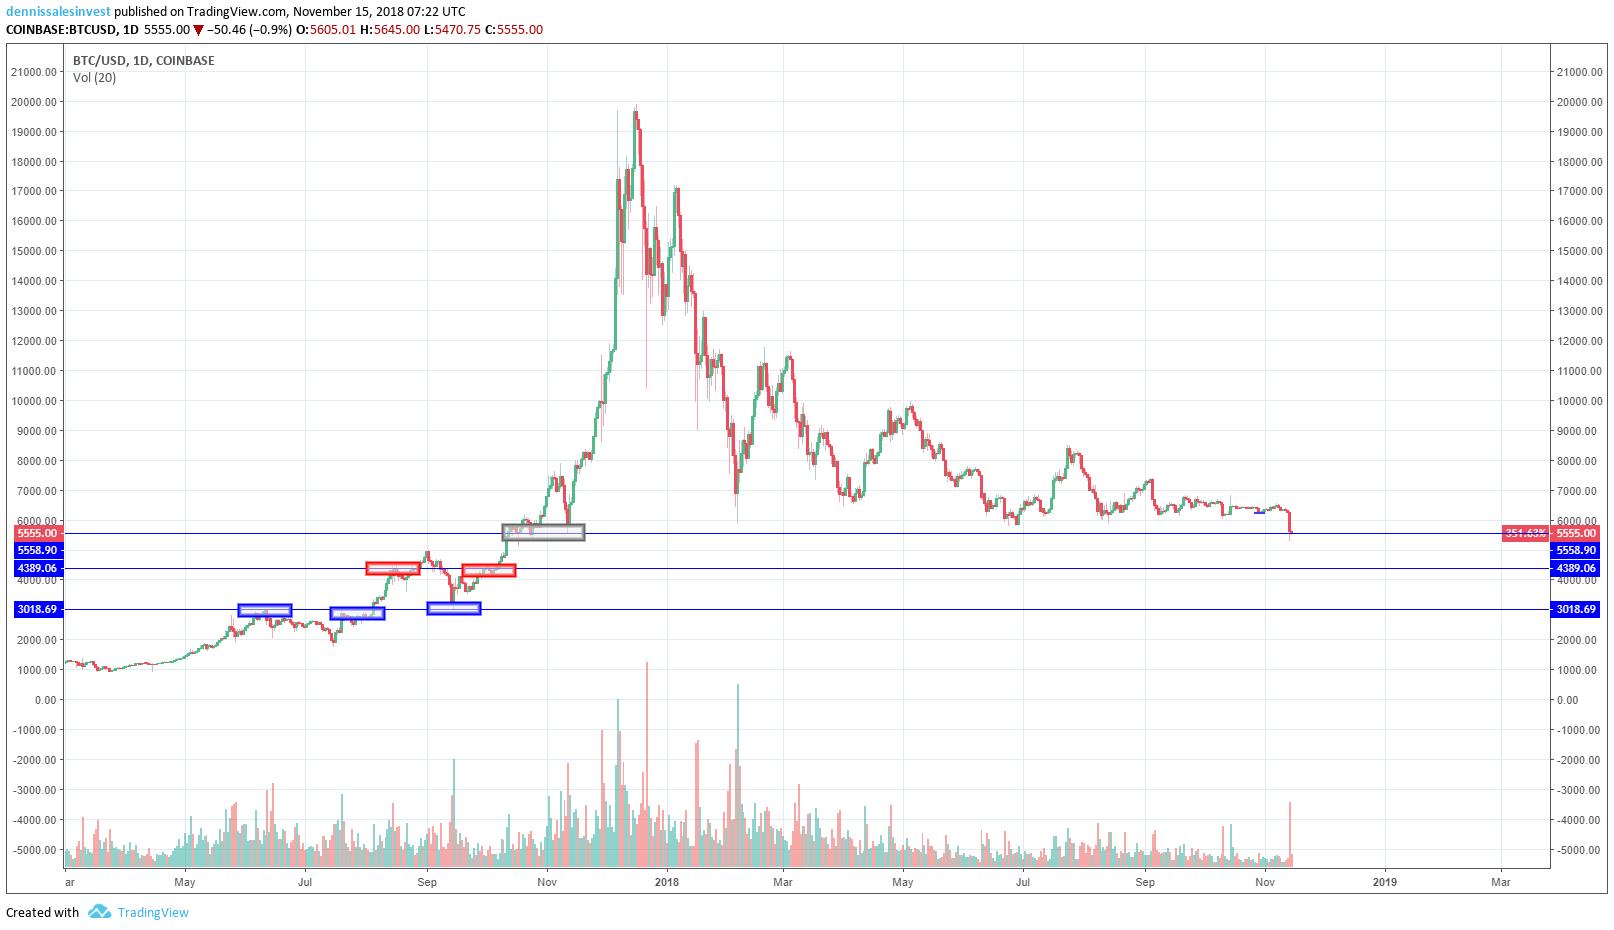 Diagramvy för bitcoin inställd på dagar. Bildkälla: Tradingview.com